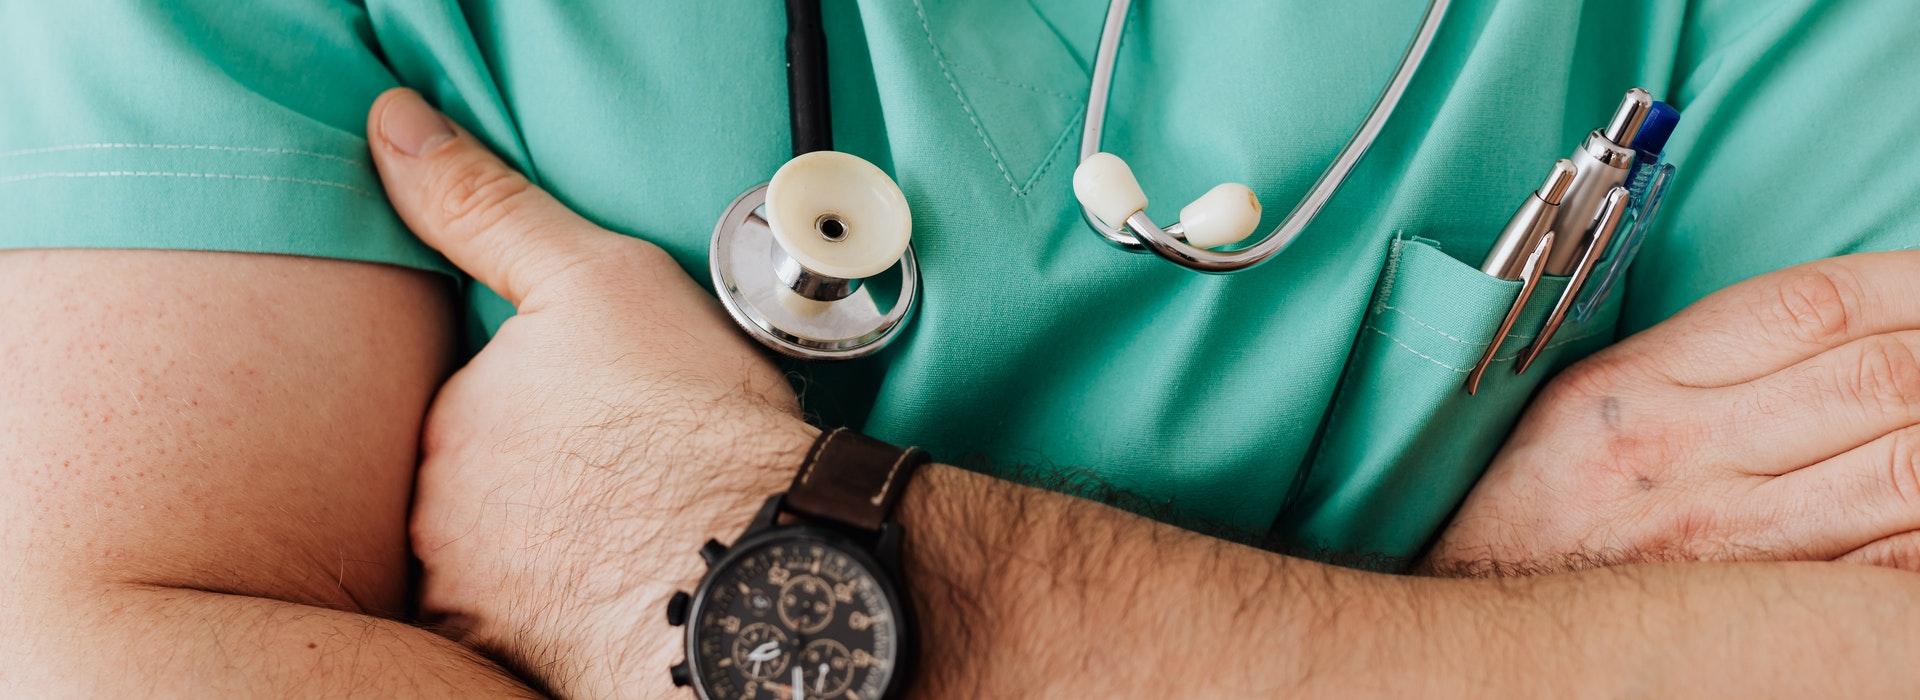 gros plan sur le torse d'un homme portant une blouse médicale verte